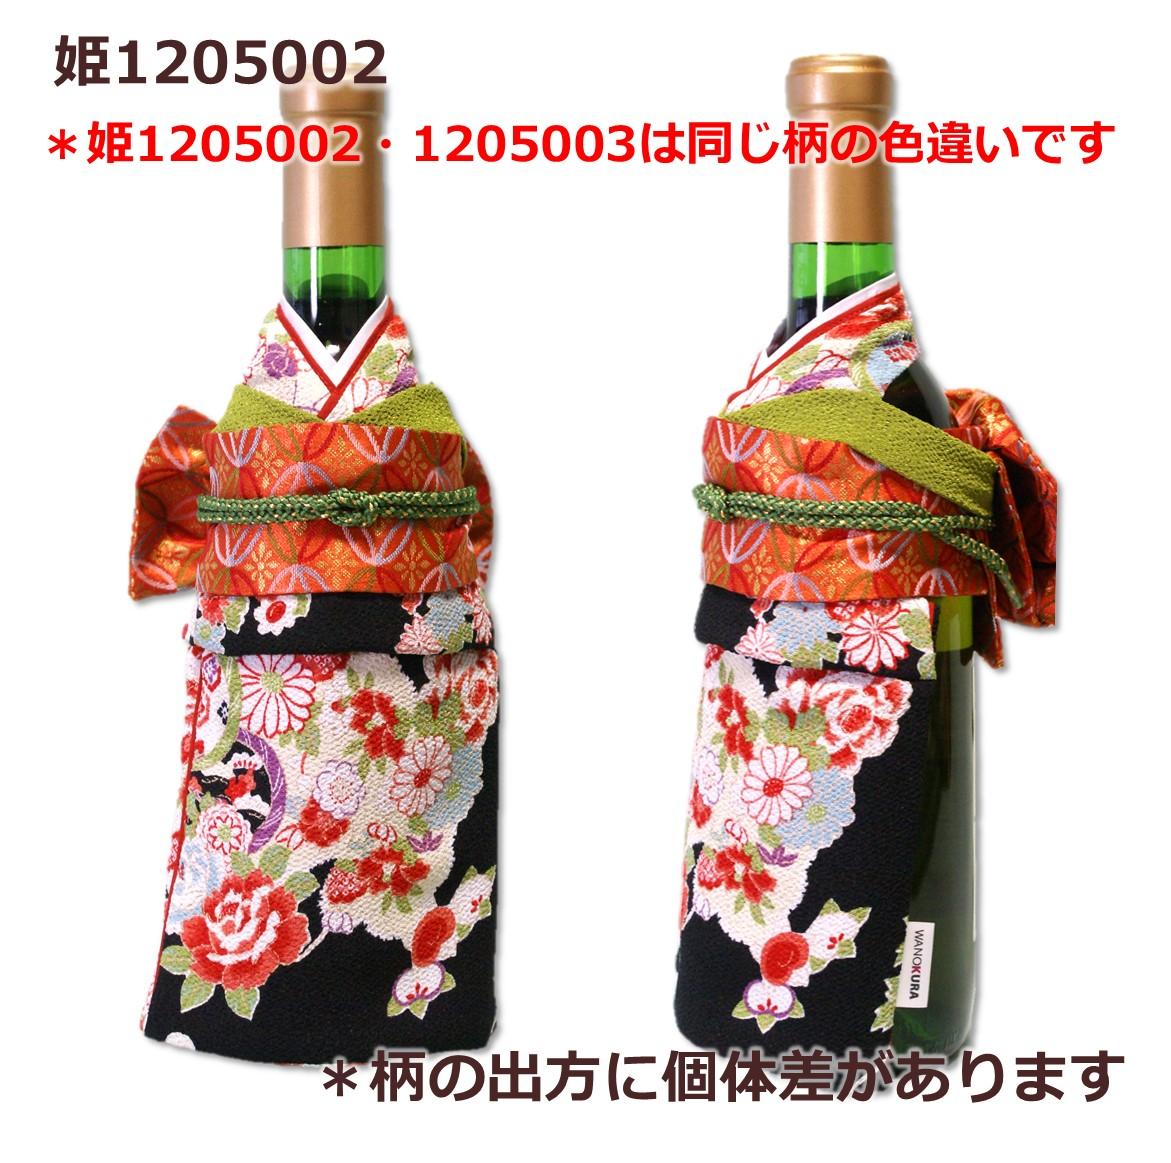 外國人在流行 ★ 和服穿公主公主 [日本紀念品瓶持有人瓶子蓋瓶日本禮物海外紀念品和服日本日本室內裝飾禮品顯示顯示薄酒萊]